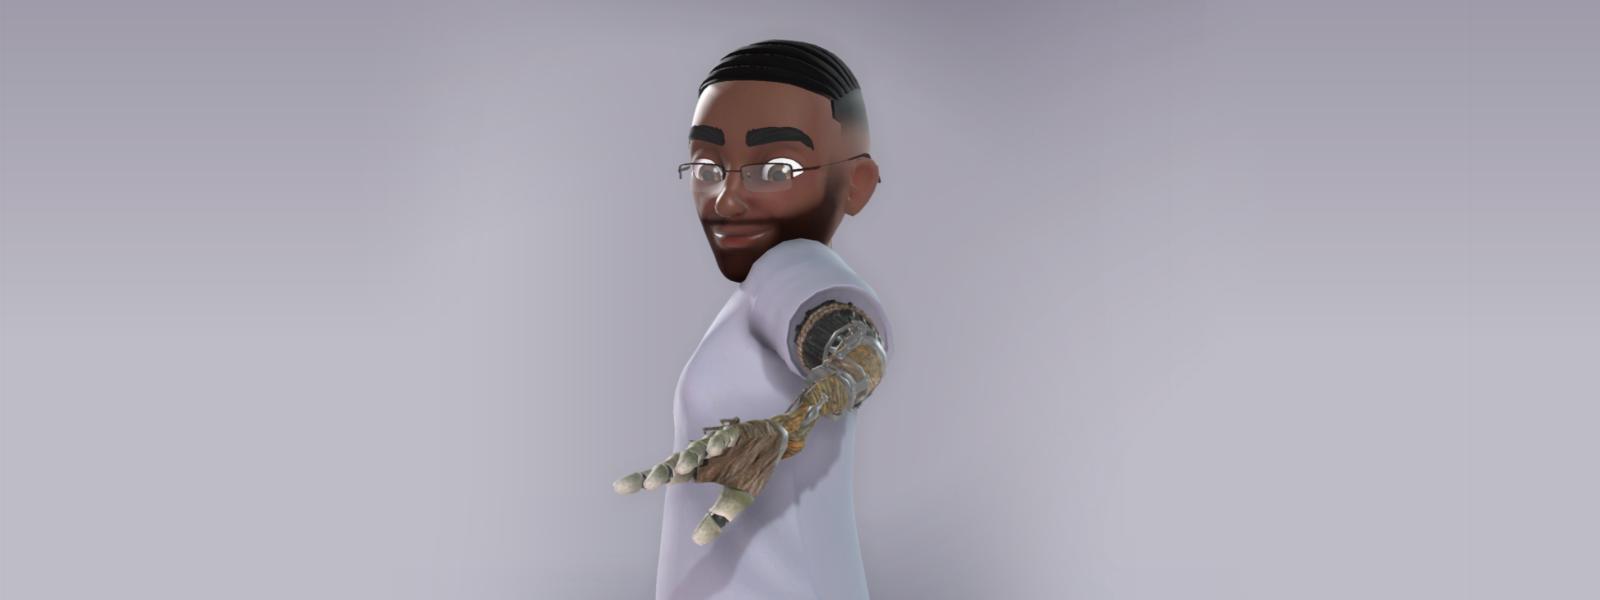 En Xbox-avatarkarakter kigger på sin protesearm